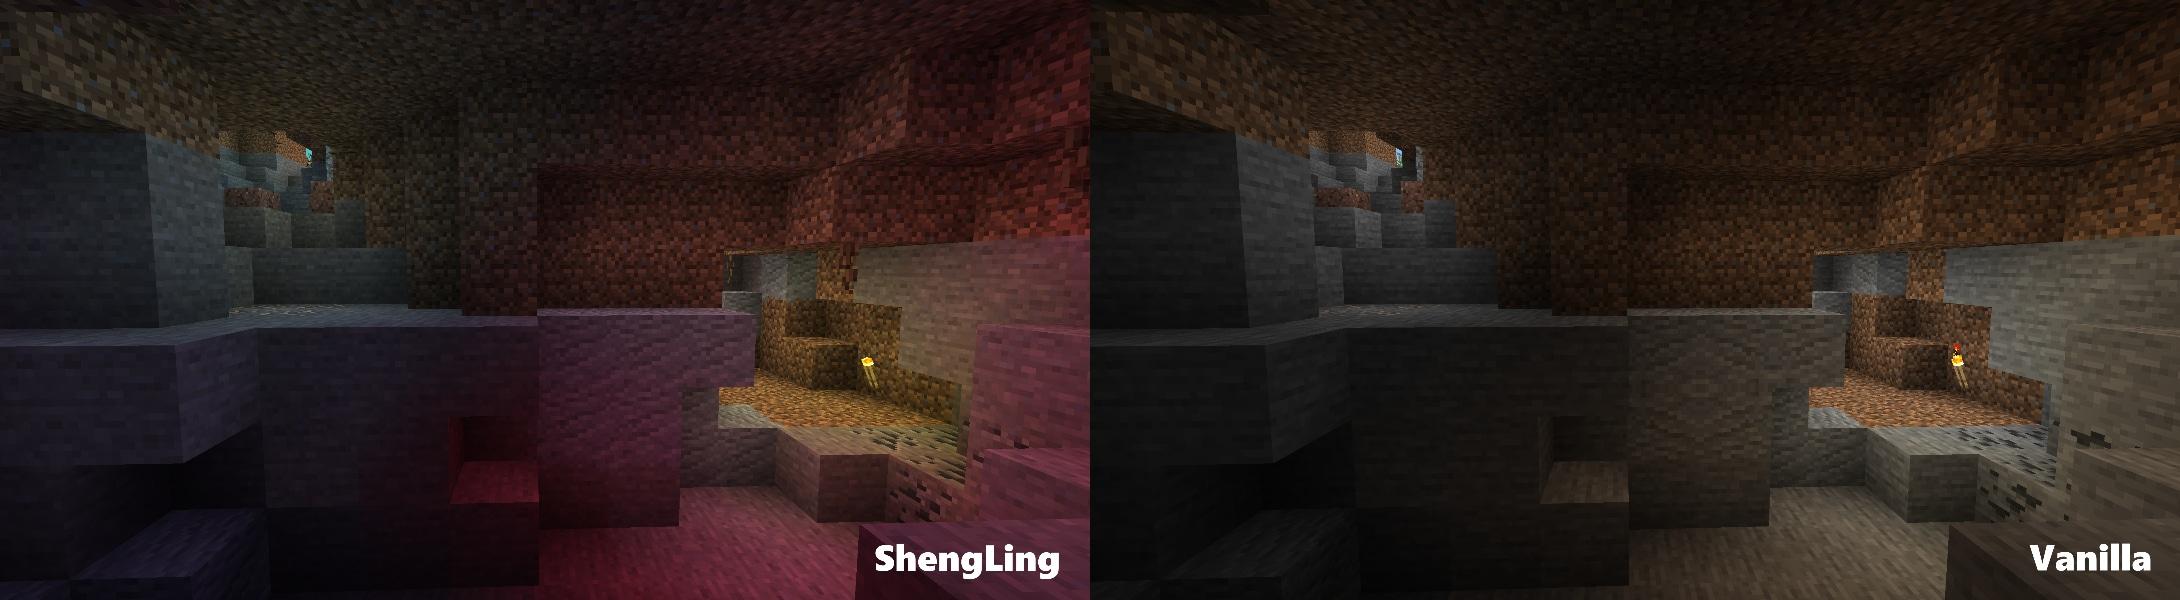 L'effet de la lumière dans une grotte